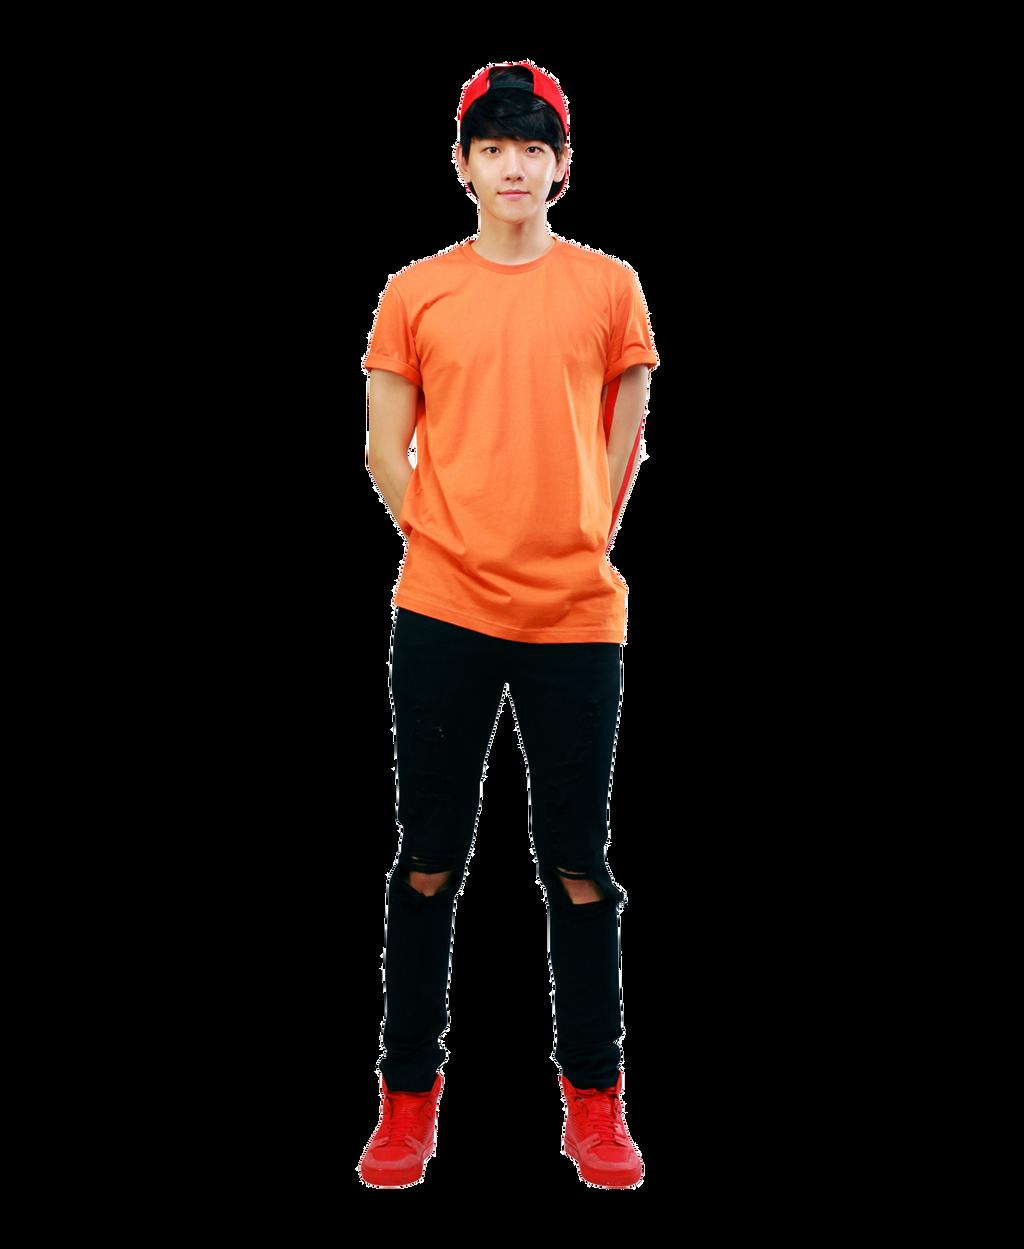 render exo baekhyun by regine22 on deviantart